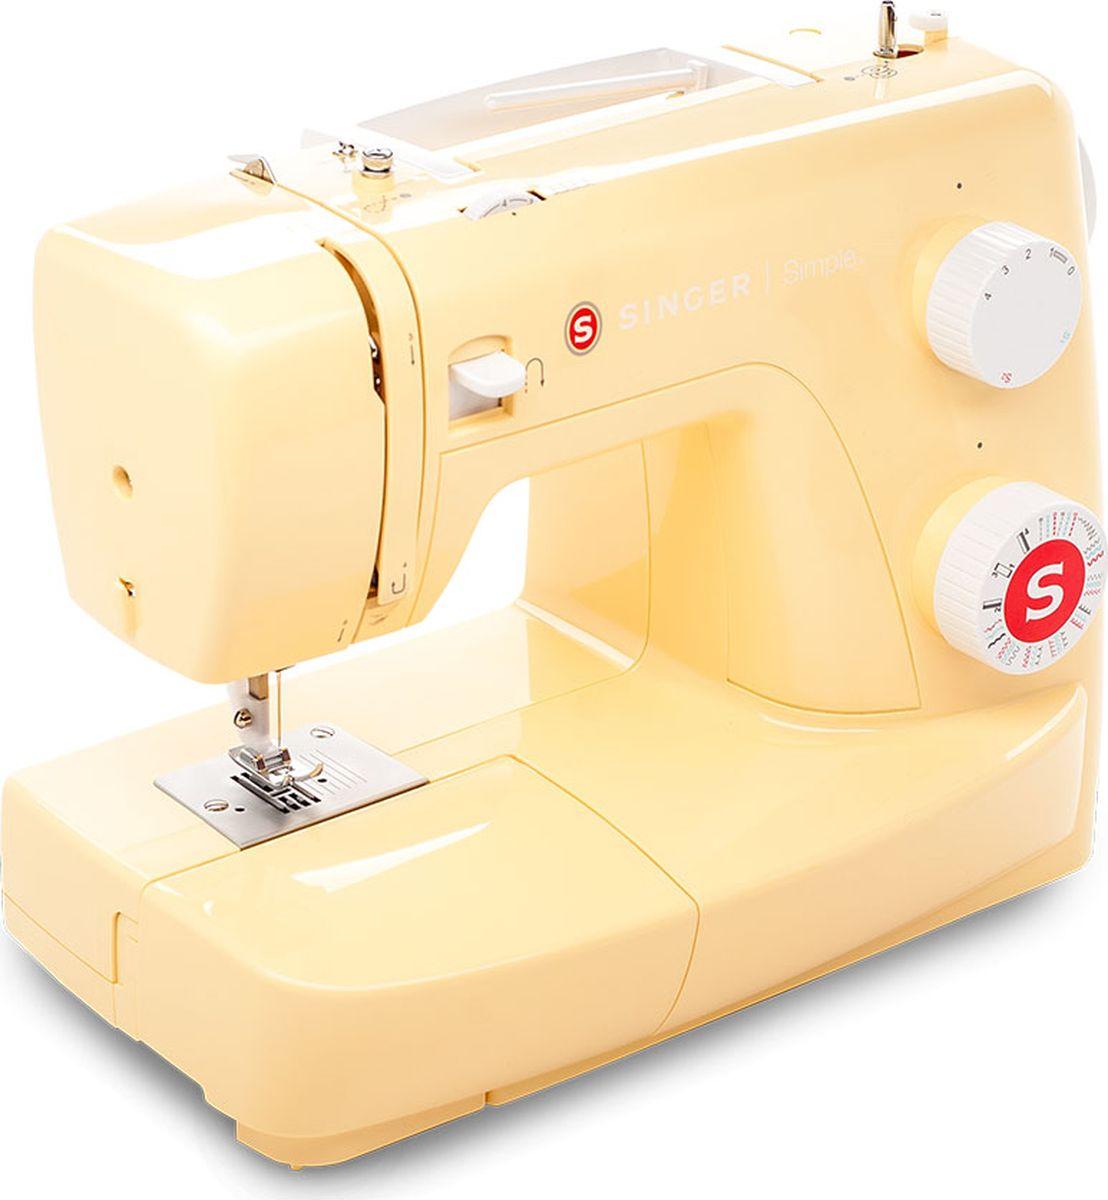 Singer Simple 3223, Yellow швейная машинаSINGER 3223 YELLOWМодель Simple 3223 Yellow отличается от остальных машин Singer корпусом желтого цвета. Станет отличным подарком для всех, кто хочет превратить шитье в любимое хобби, для активных и жизнерадостных, кто предпочитает буйство красок и интересный дизайн. 23 швейных операции: 6 основных, 7 эластичных и 9 декоративных строчек, а также 1 полуавтоматическая петля - идеально подойдет для рукоделия, домашнего декора, шитья одежды и многого другого! Полуавтоматическое выметывание петли. Машина выполняет петлю в полуавтоматическом режиме за 4 шага без дополнительного поворота ткани. Вам остается только лишь переключать клавишу для перехода на следующий этап. Регулируемая длина строчки. Установка длины строчки до 4 мм осуществляется простым поворотом регулировочного колеса. Игольная пластина из нержавеющей стали обеспечивает легкое и беспрепятственное скольжение ткани. Моментальная замена лапки без отверток - лапку можно поменять за мгновение одним нажатием кнопки. Автоматический обратный ход: зажмите удобно расположенную клавишу обратного хода, чтобы шить в обратном направлении и усилить строчки. Мощный металлический каркас: внутренний каркас швейной машины изготовлен из прочного металла. Эта жесткая станина несет на себе все механизмы, очень хорошо подавляет вибрации при работе и повышает общую прочность машины. Процесс шитья будет довольно быстрым за счет скорости 750 стежков/мин. Аксессуары удобно хранятся под рукой в съемном ящичке машины. Съемная рукавная платформа обеспечивает удобную обработку манжет, воротников и других трубчатых изделий. Рычаг подъема прижимной лапки имеет два положения. Если с усилием поднять рычаг в верхнее положение, будет удобно разместить несколько слоев ткани под лапкой.